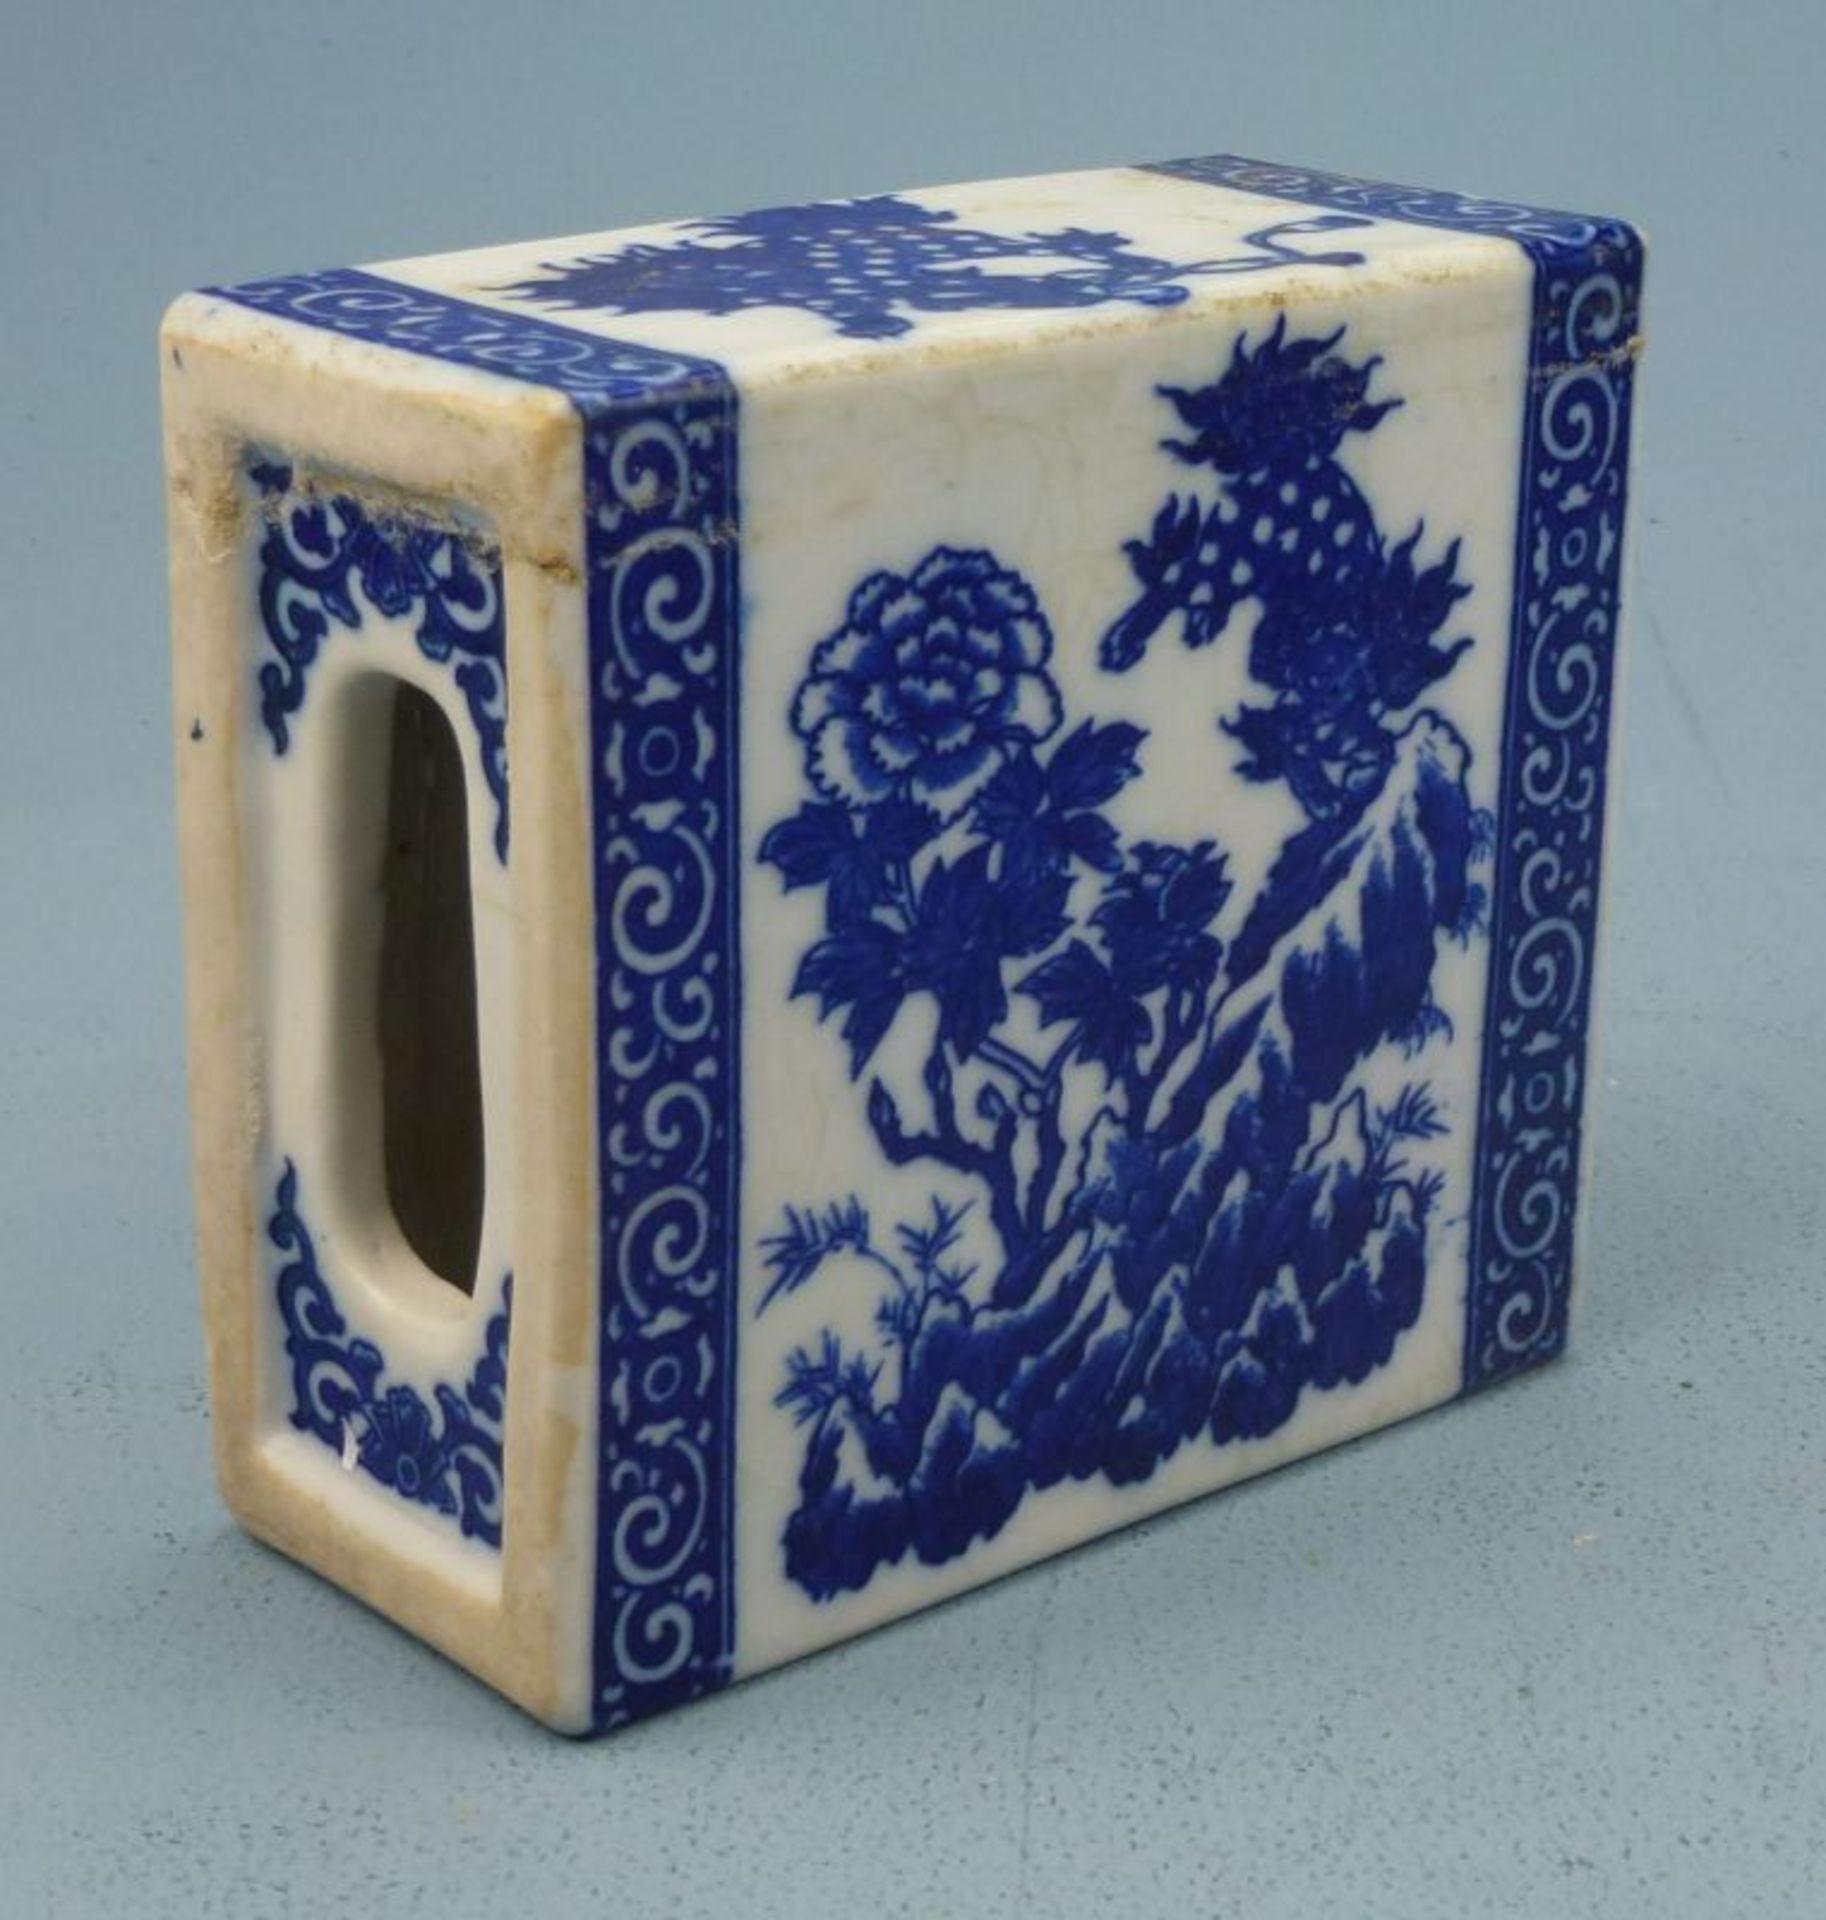 Räuchergefäß?, AsienKeramik, rechteckig, gr. bzw. ornamentale Öffnung(en) an den Kurzseiten, - Bild 2 aus 2